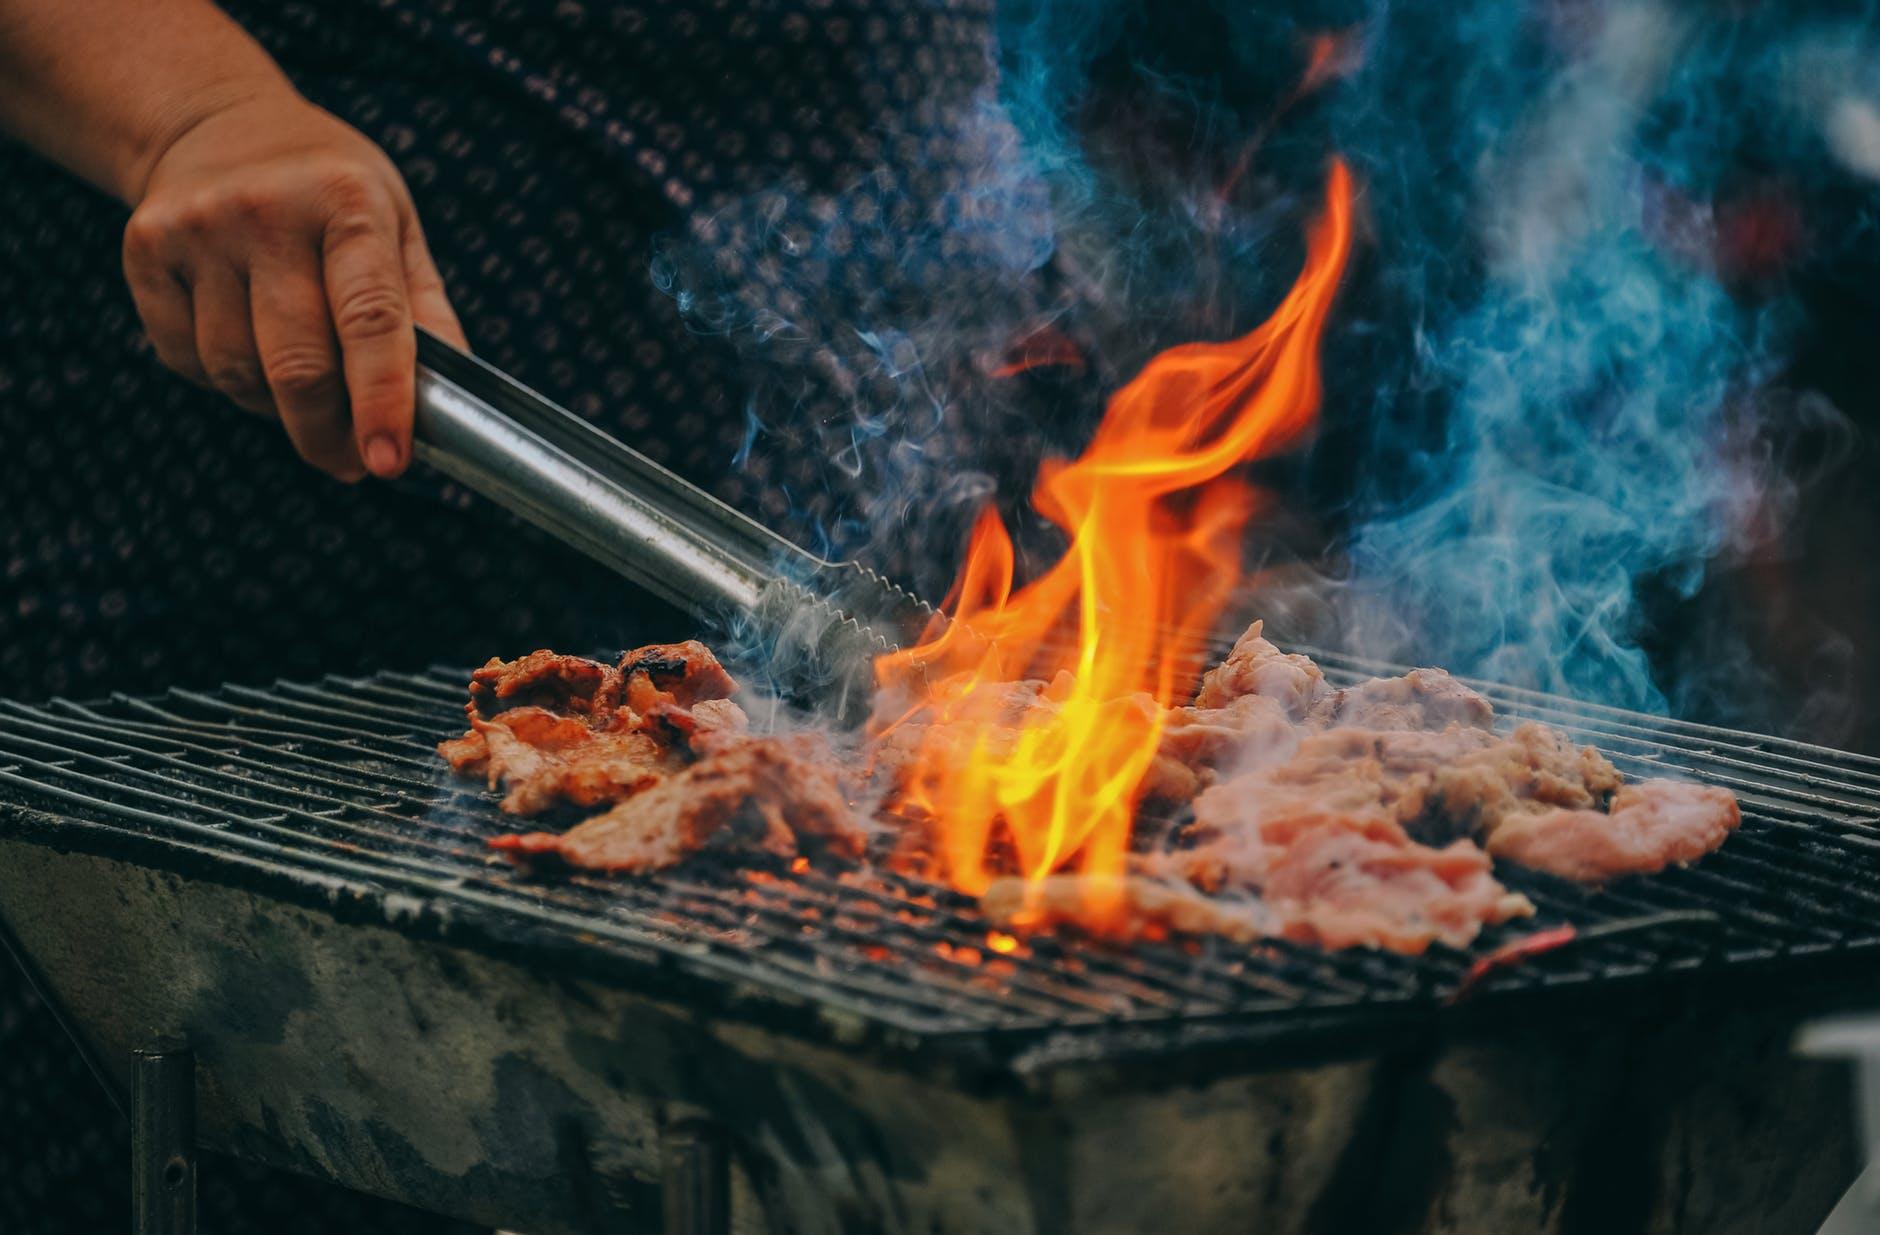 Да се справим по-лесно когато готвим - съвети от шеф Марко Лукиари